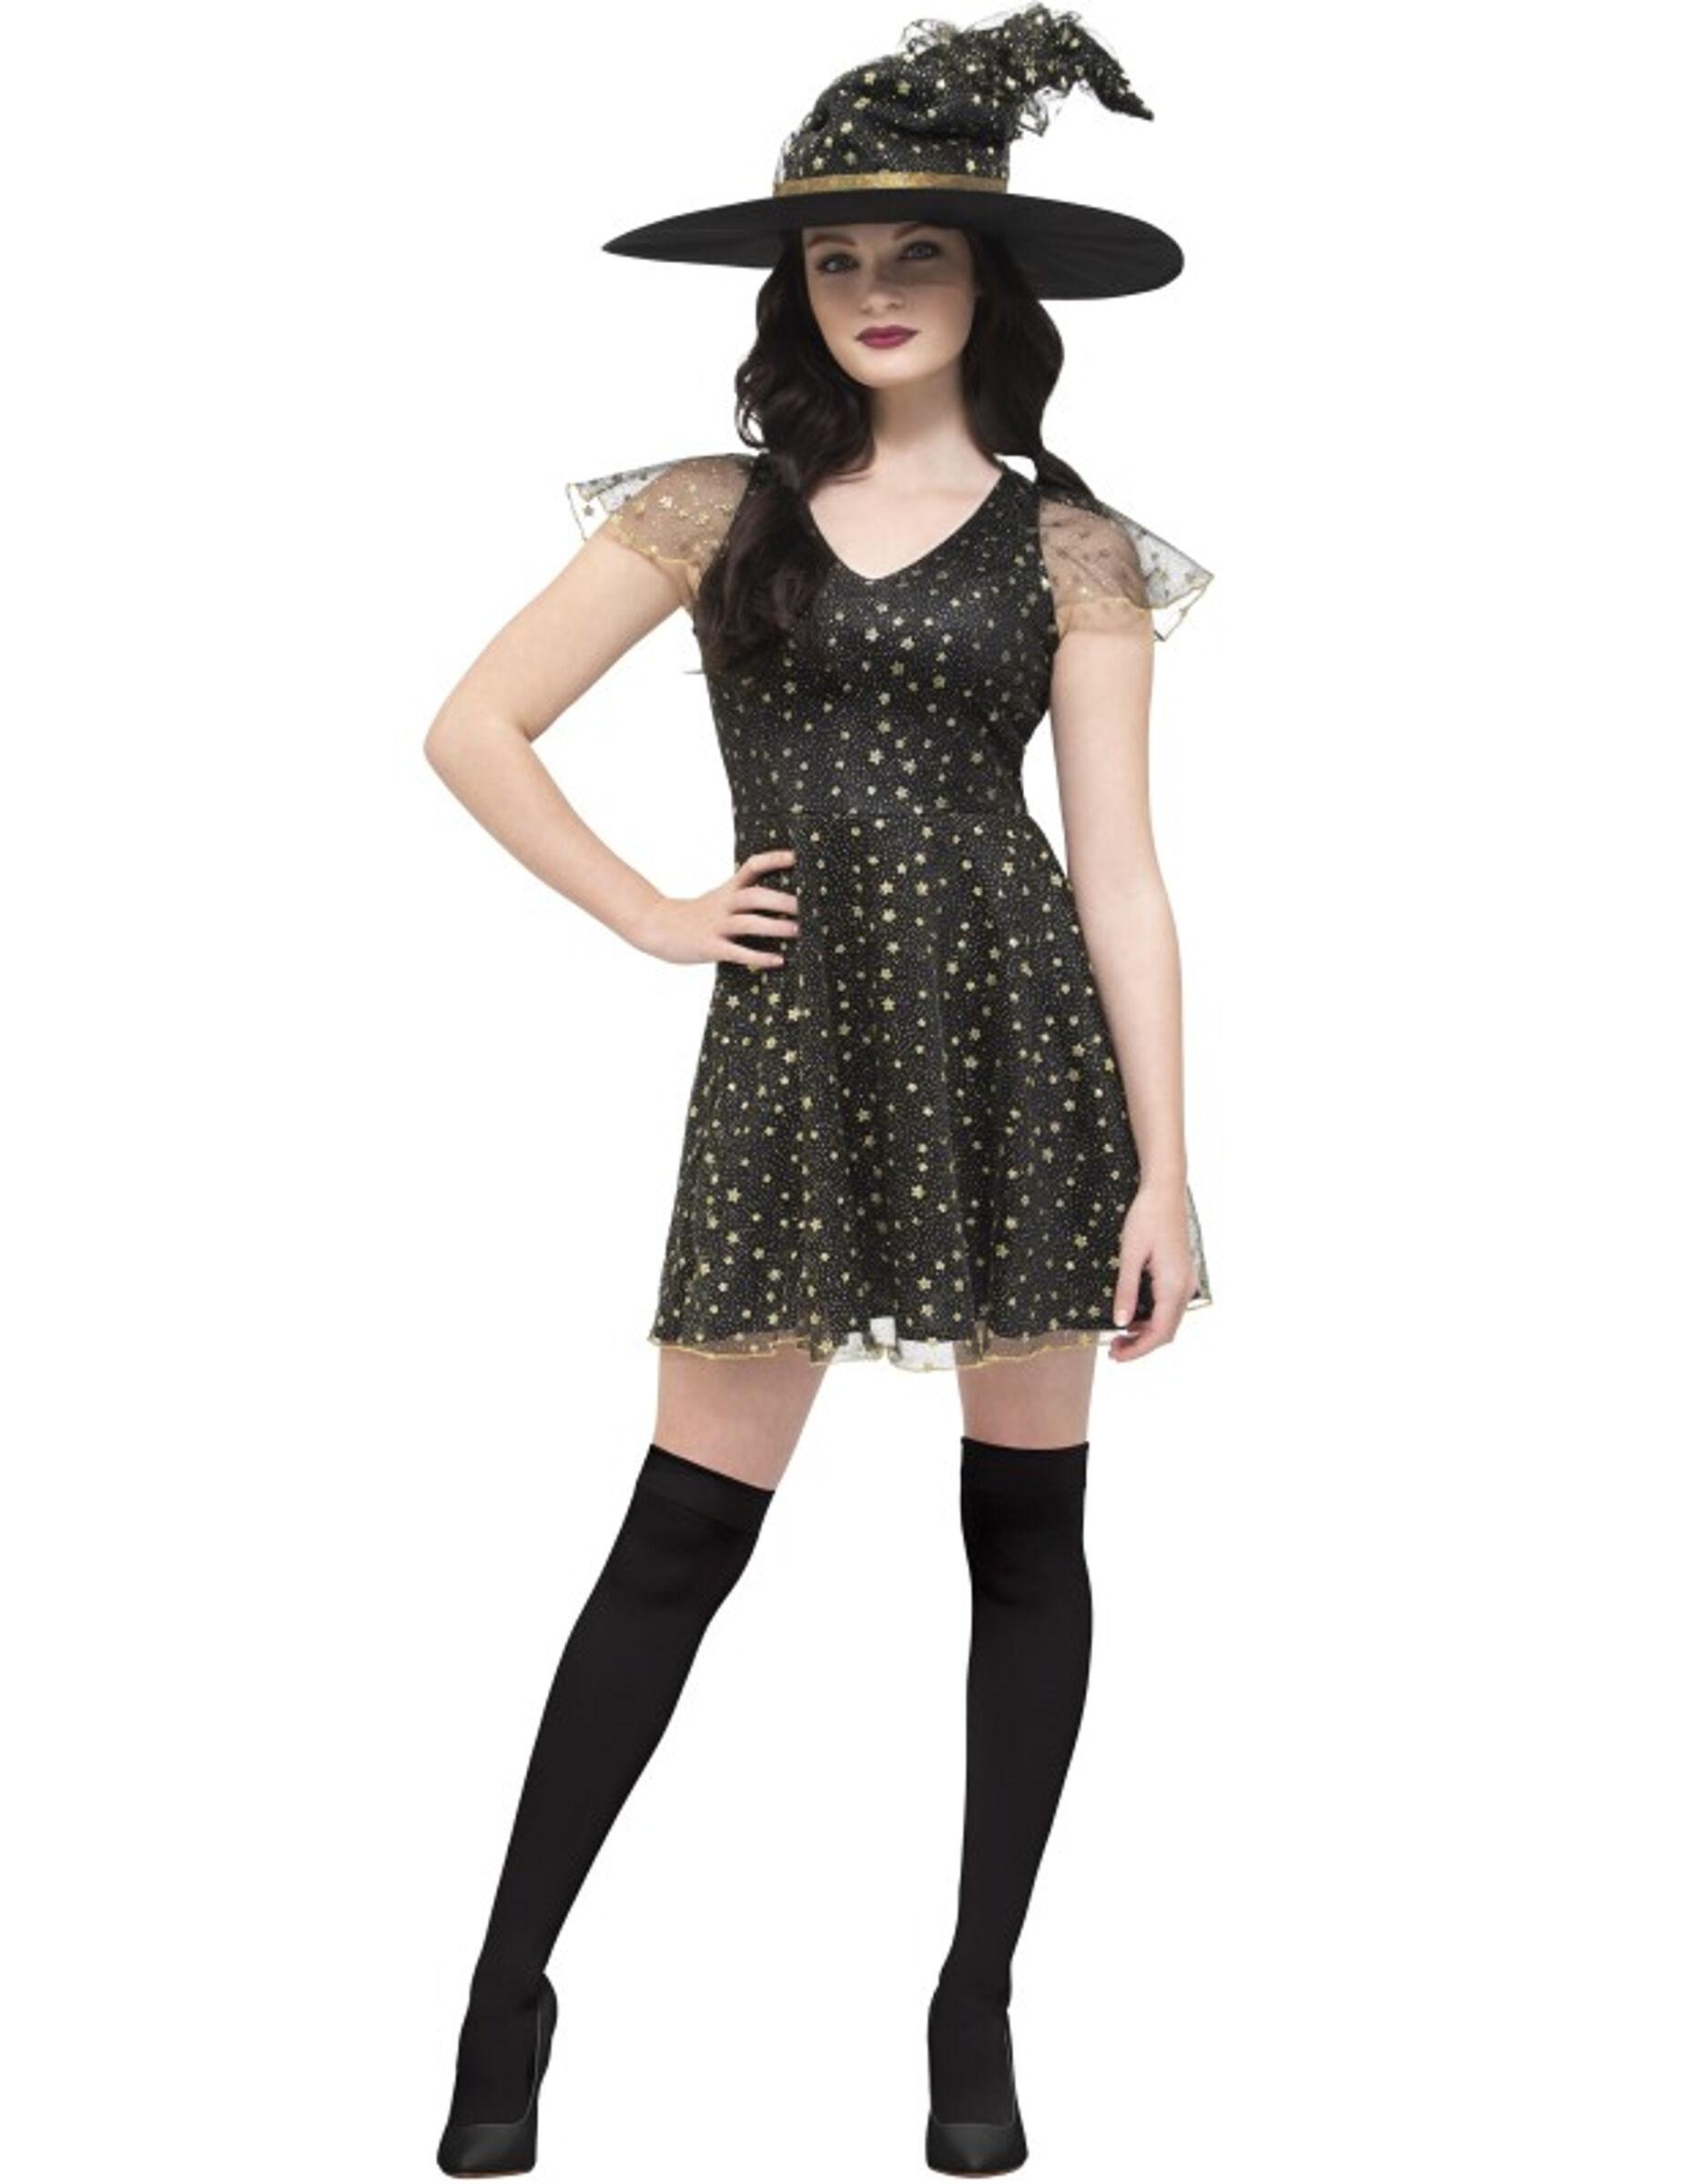 Vegaoo Costume strega delle stelle dorate donna halloween - L